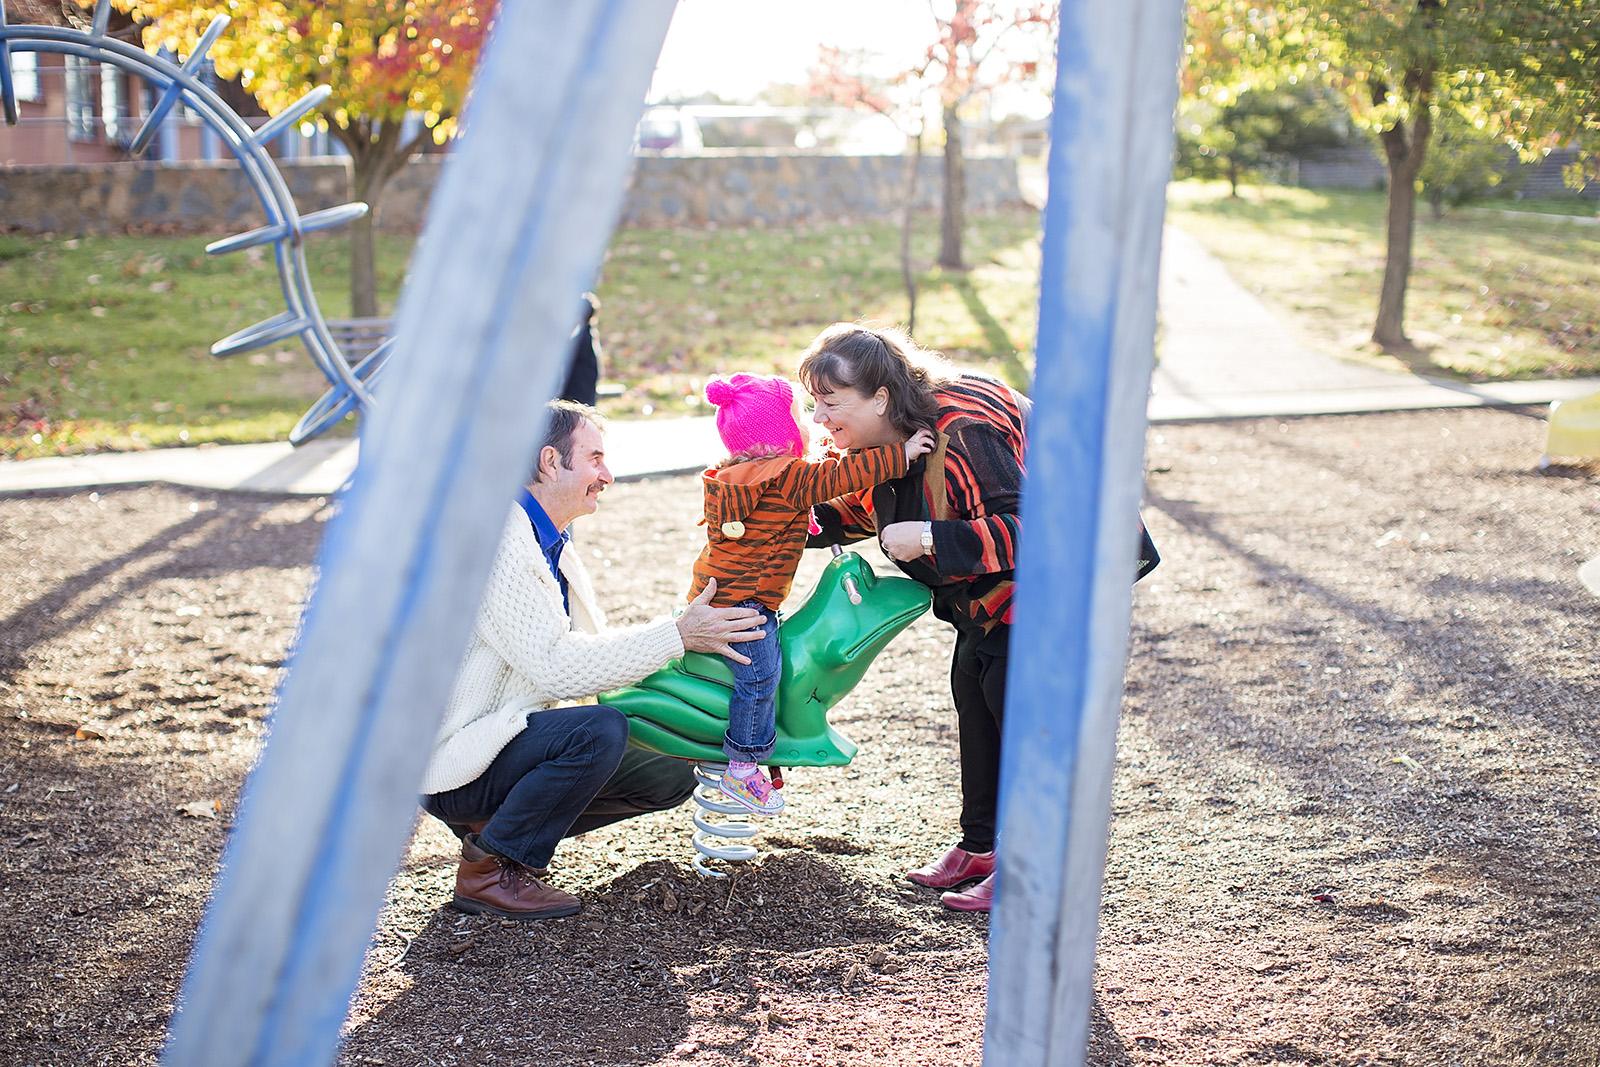 Lori at the Playground 015.jpg